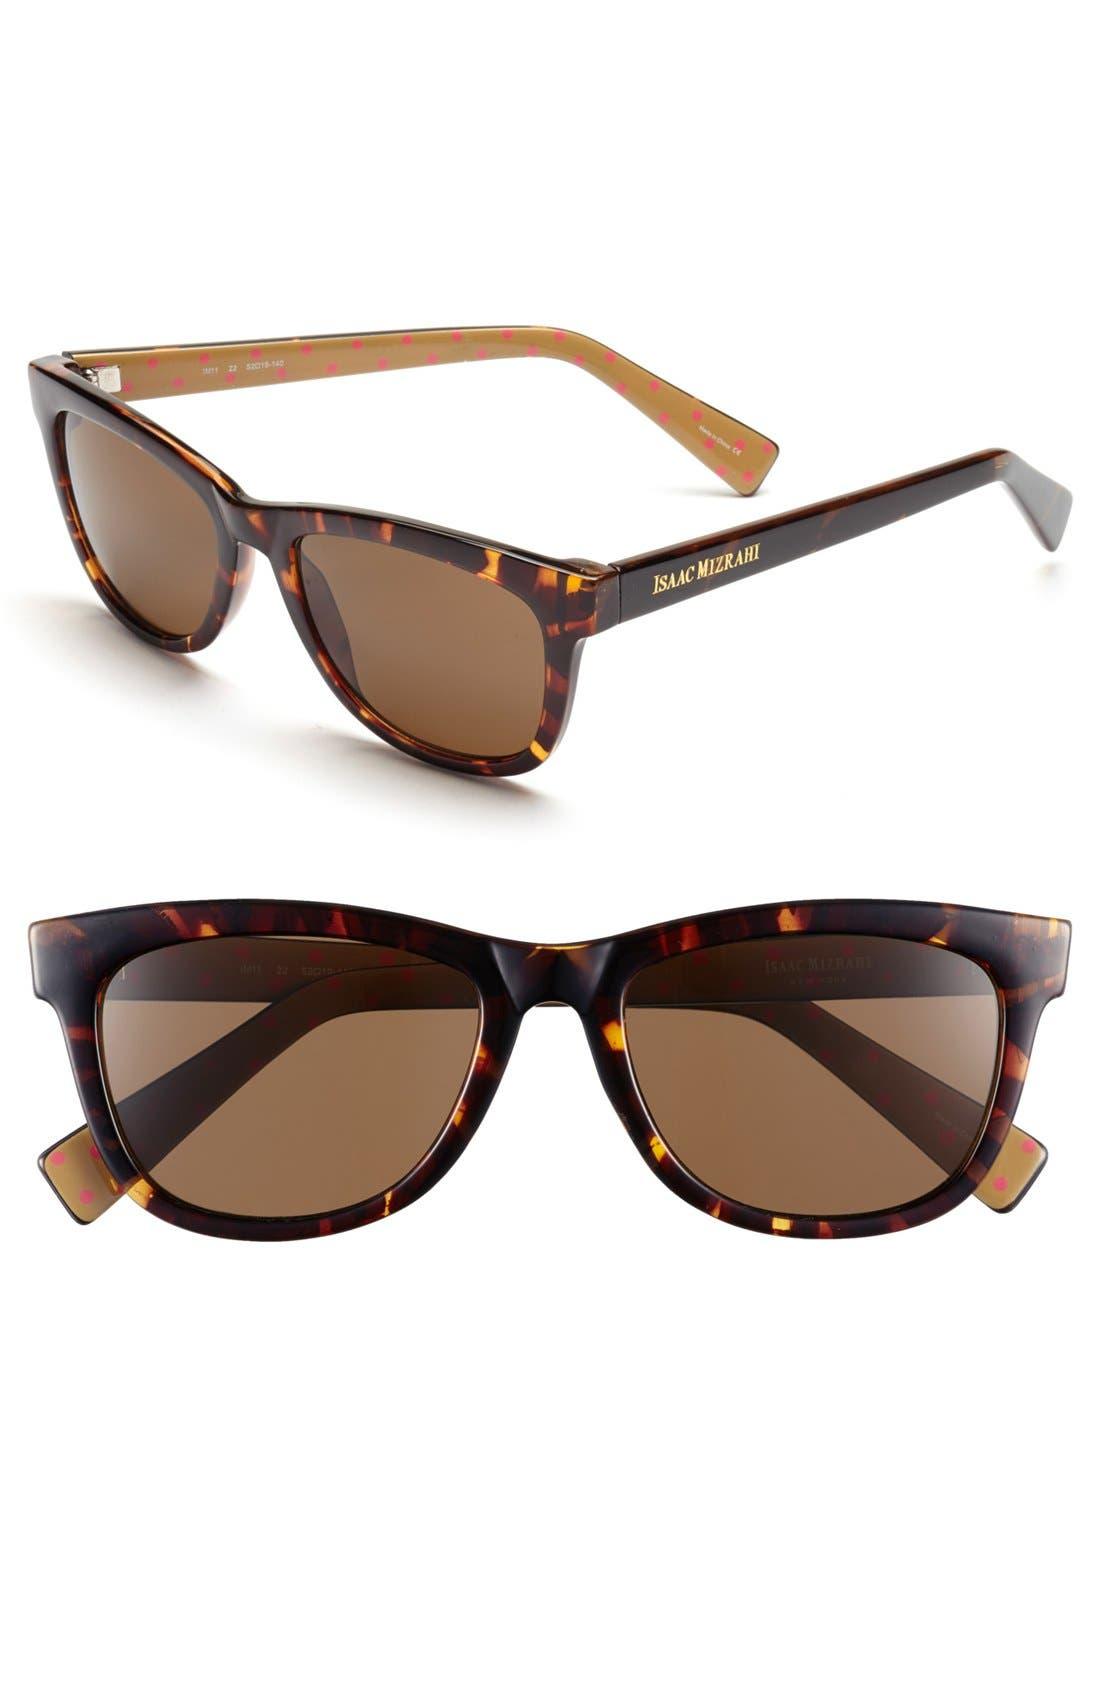 Main Image - Isaac Mizrahi New York 52mm Retro Sunglasses